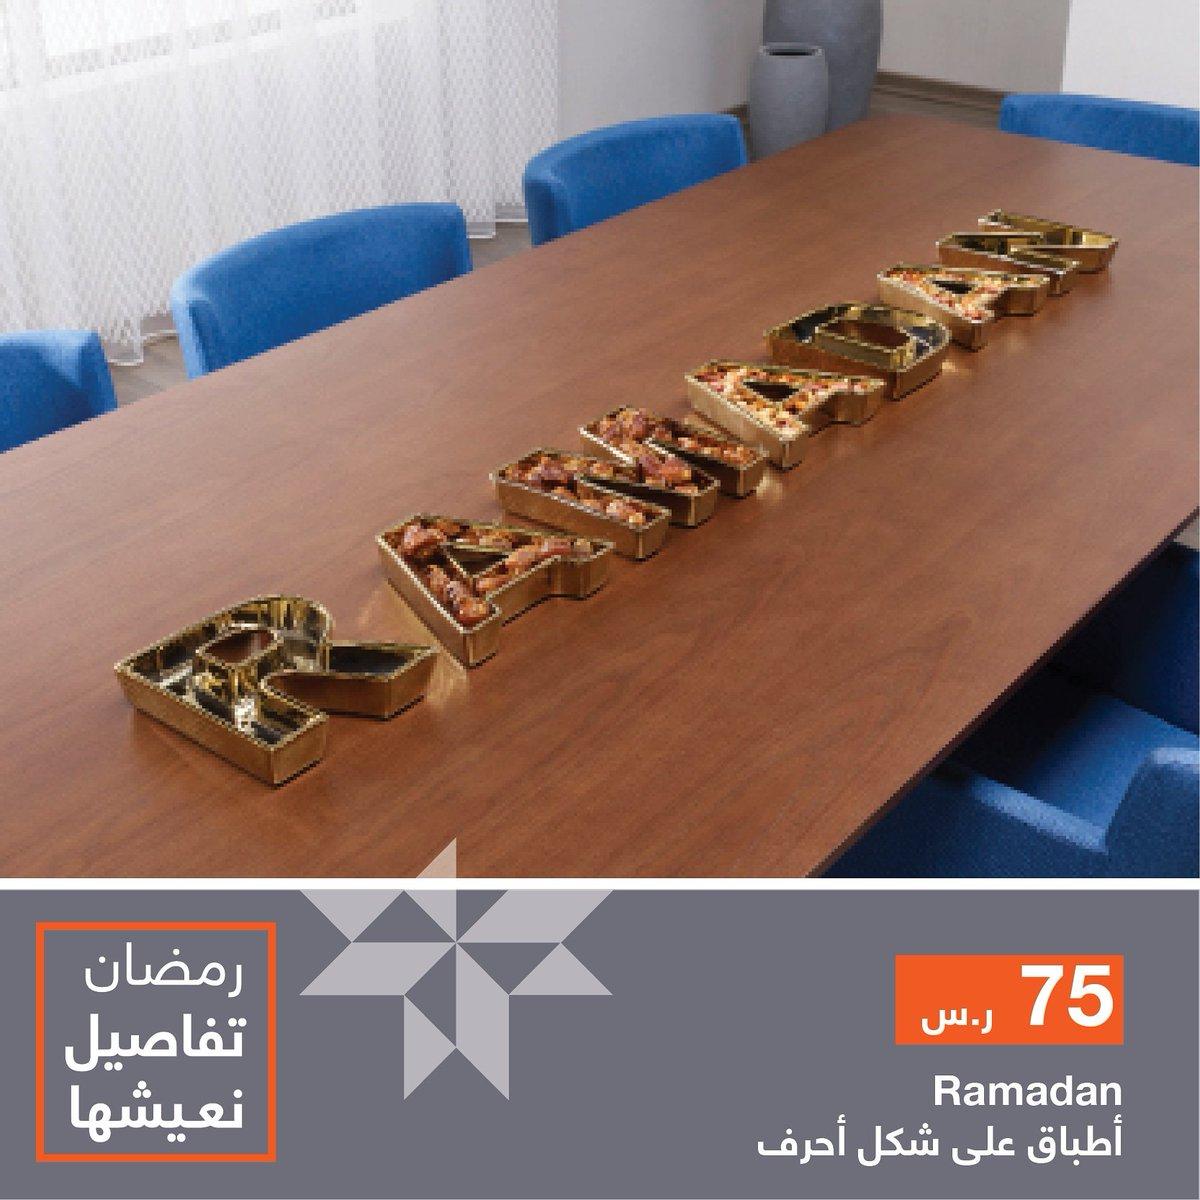 Abyat Ksa On Twitter أوقات عمل المعارض جدة السبت الى الخميس 10 صباحا حتى 12 منتصف الليل الجمعة 4 مساء حتى 12 منتصف الليل الرياض والظهران السبت الى الخميس 10 صباحا